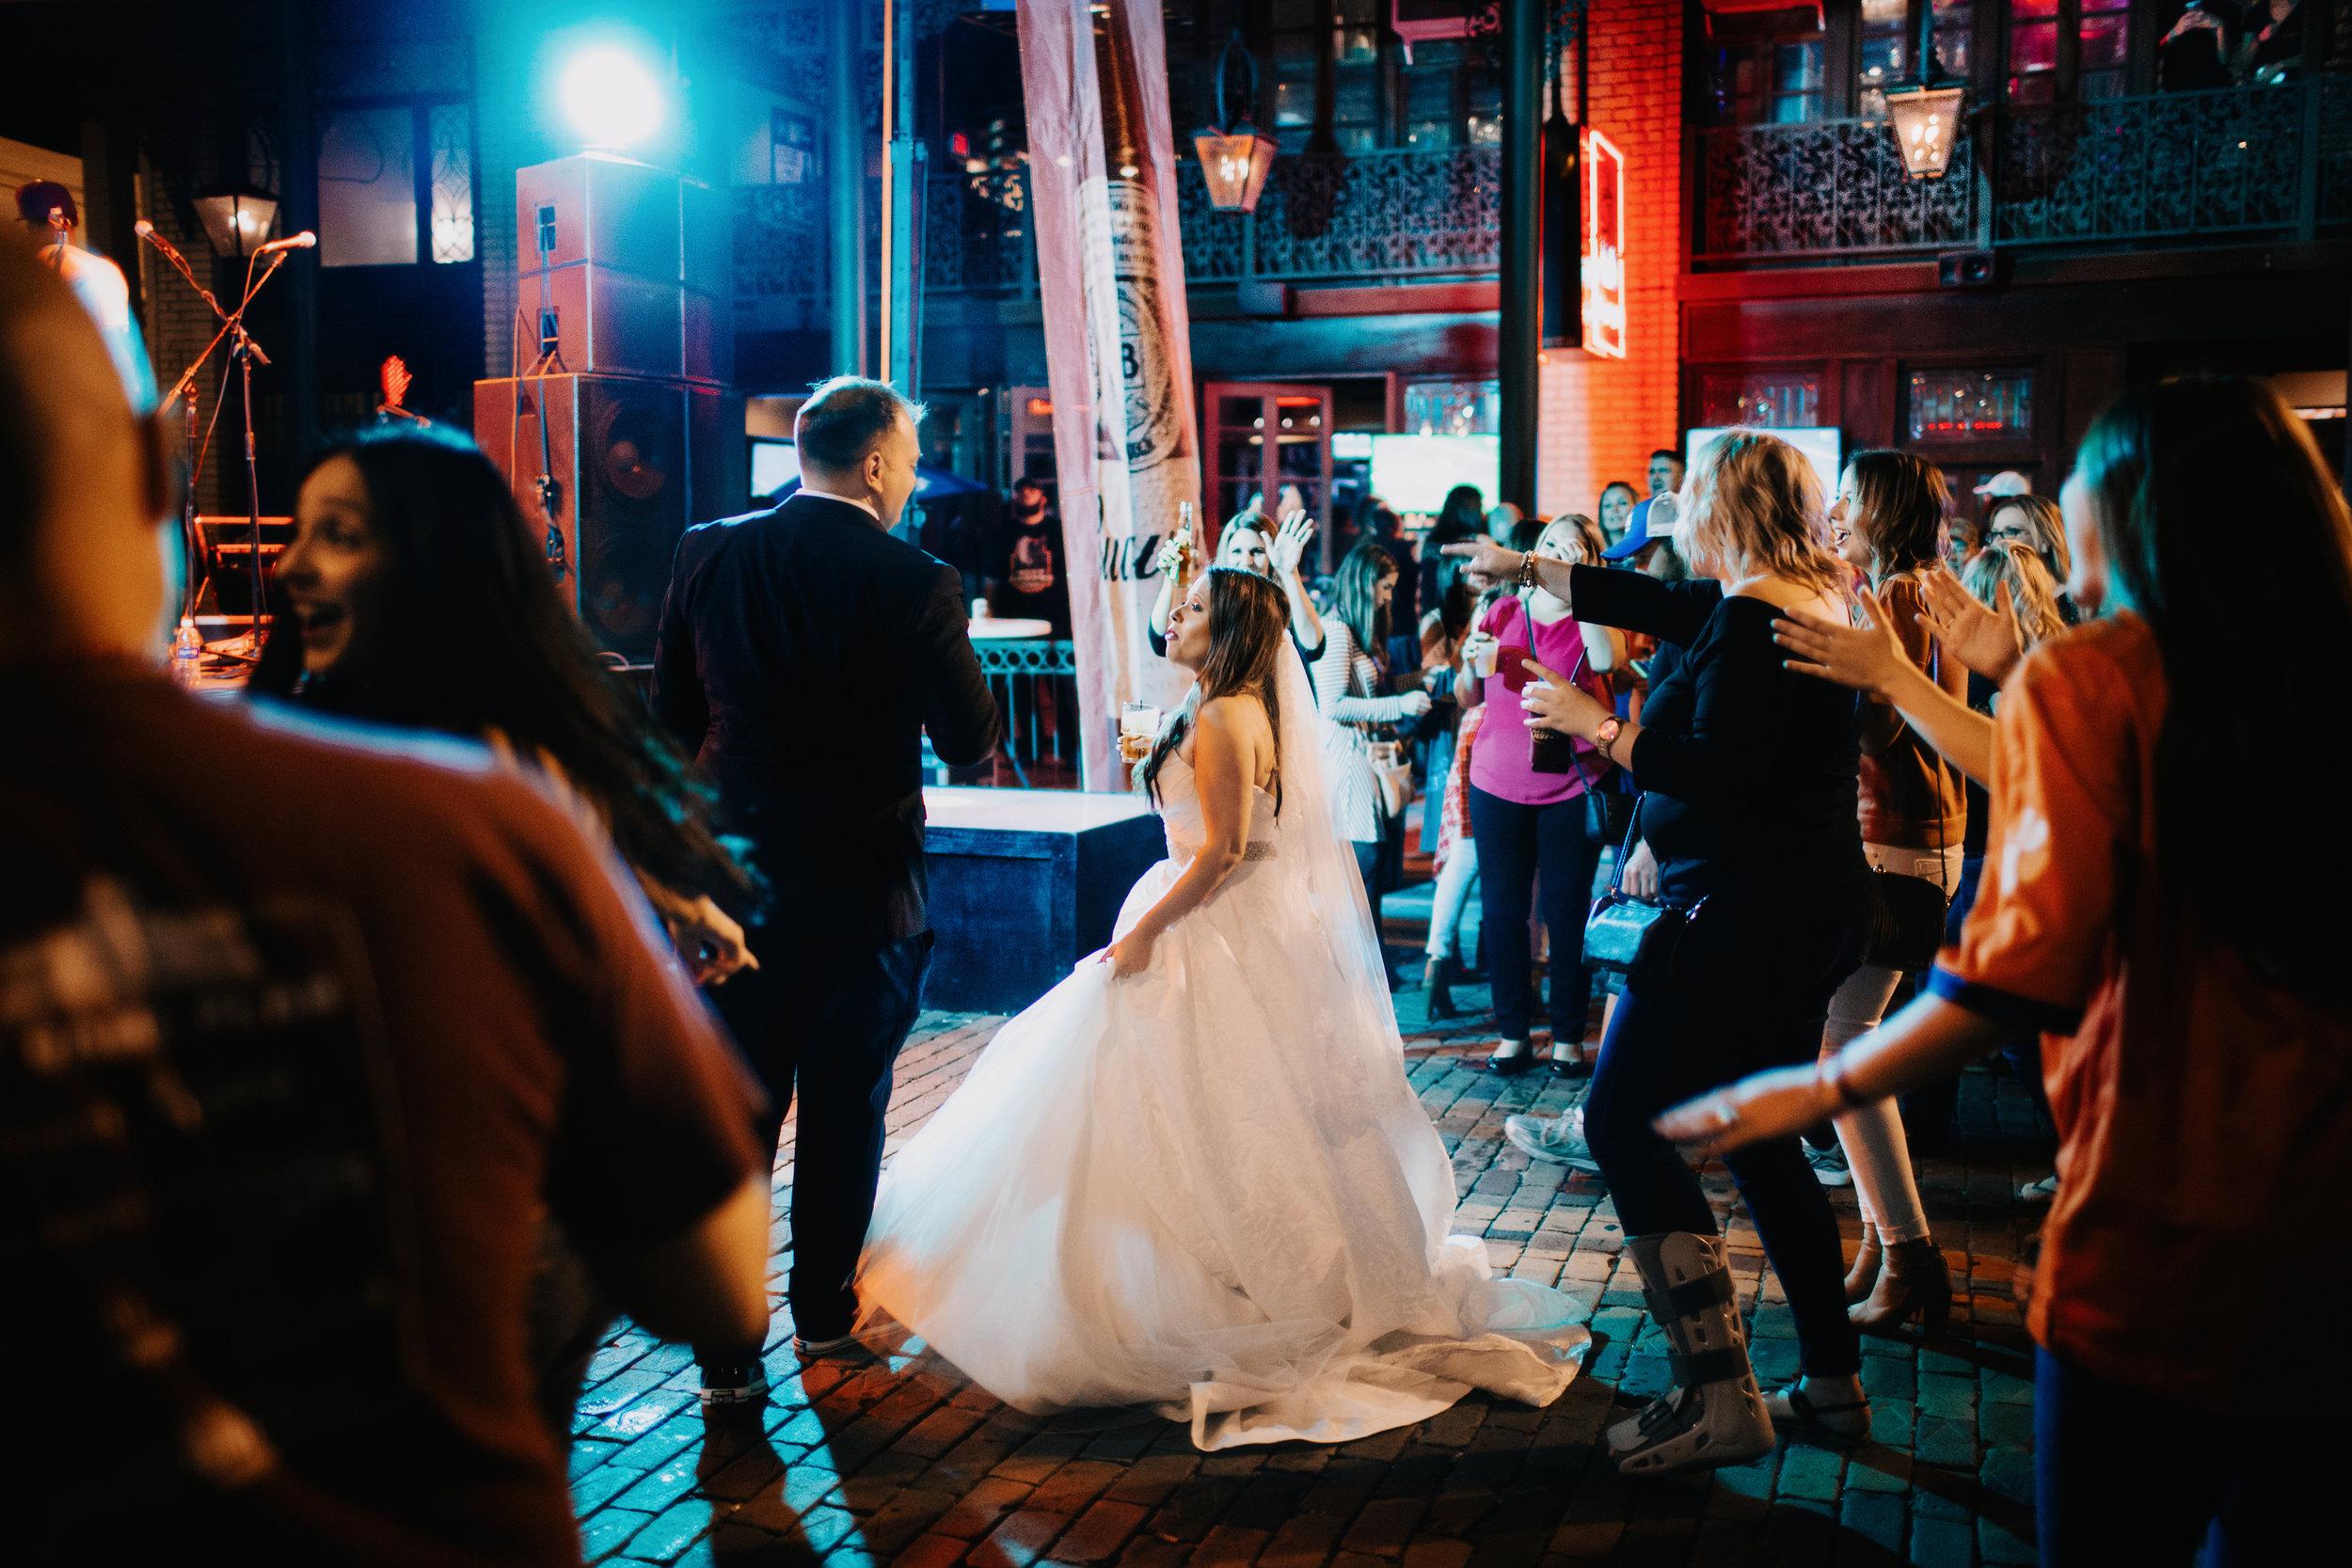 Rick and Donna | Vanessa Boy |Vanessaboy.com | orlando,fl-219.com |2.jpg